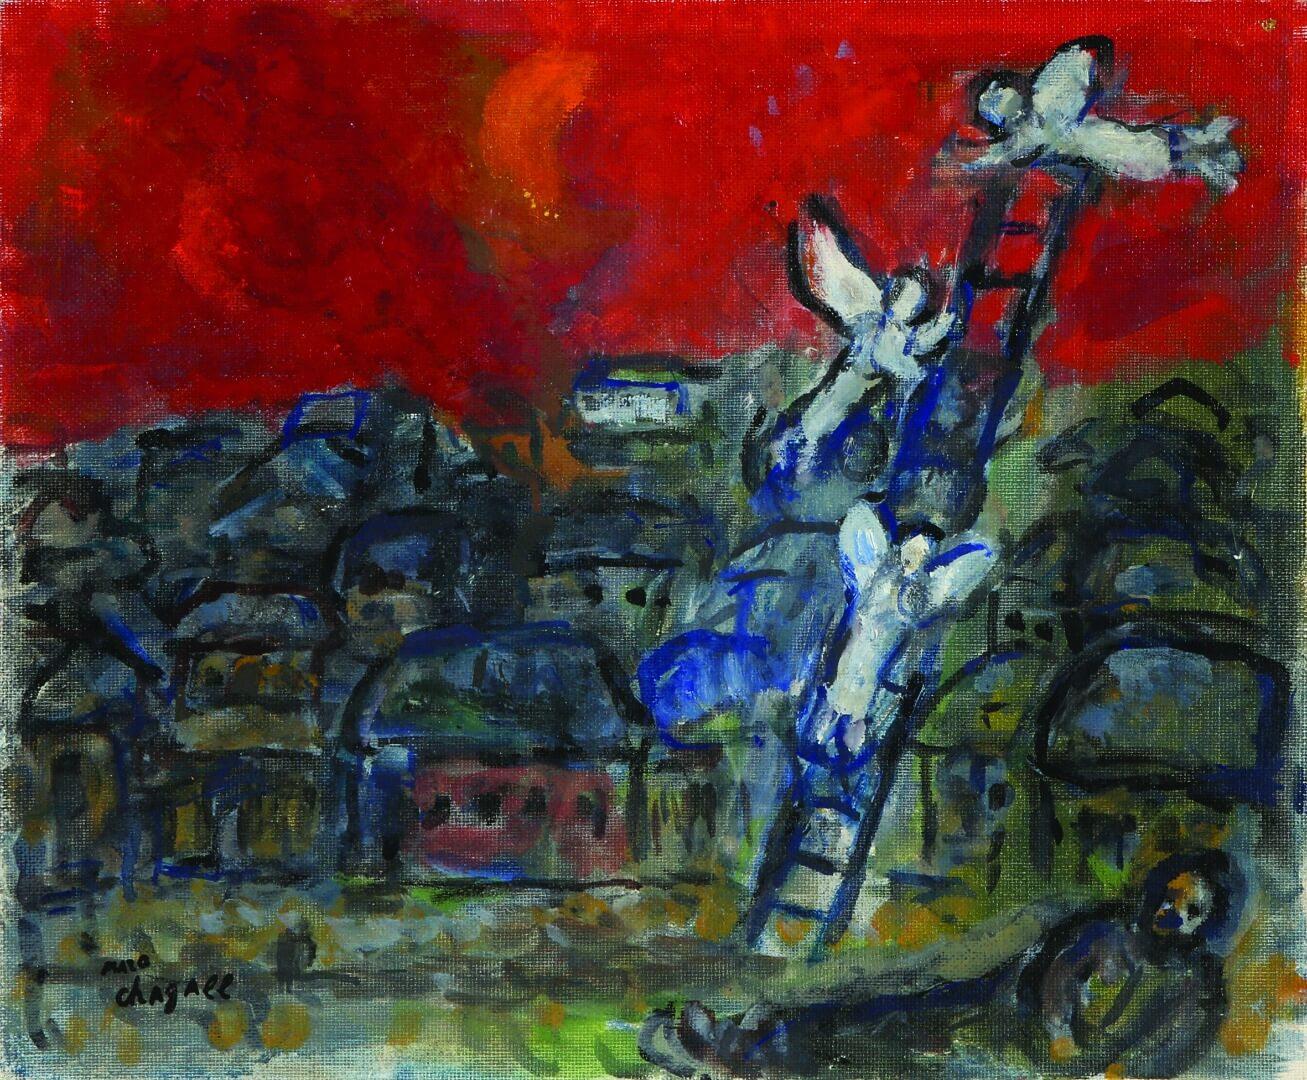 מארק שאגאל, סולם יעקב, 1970-1974  קרדיט צילום